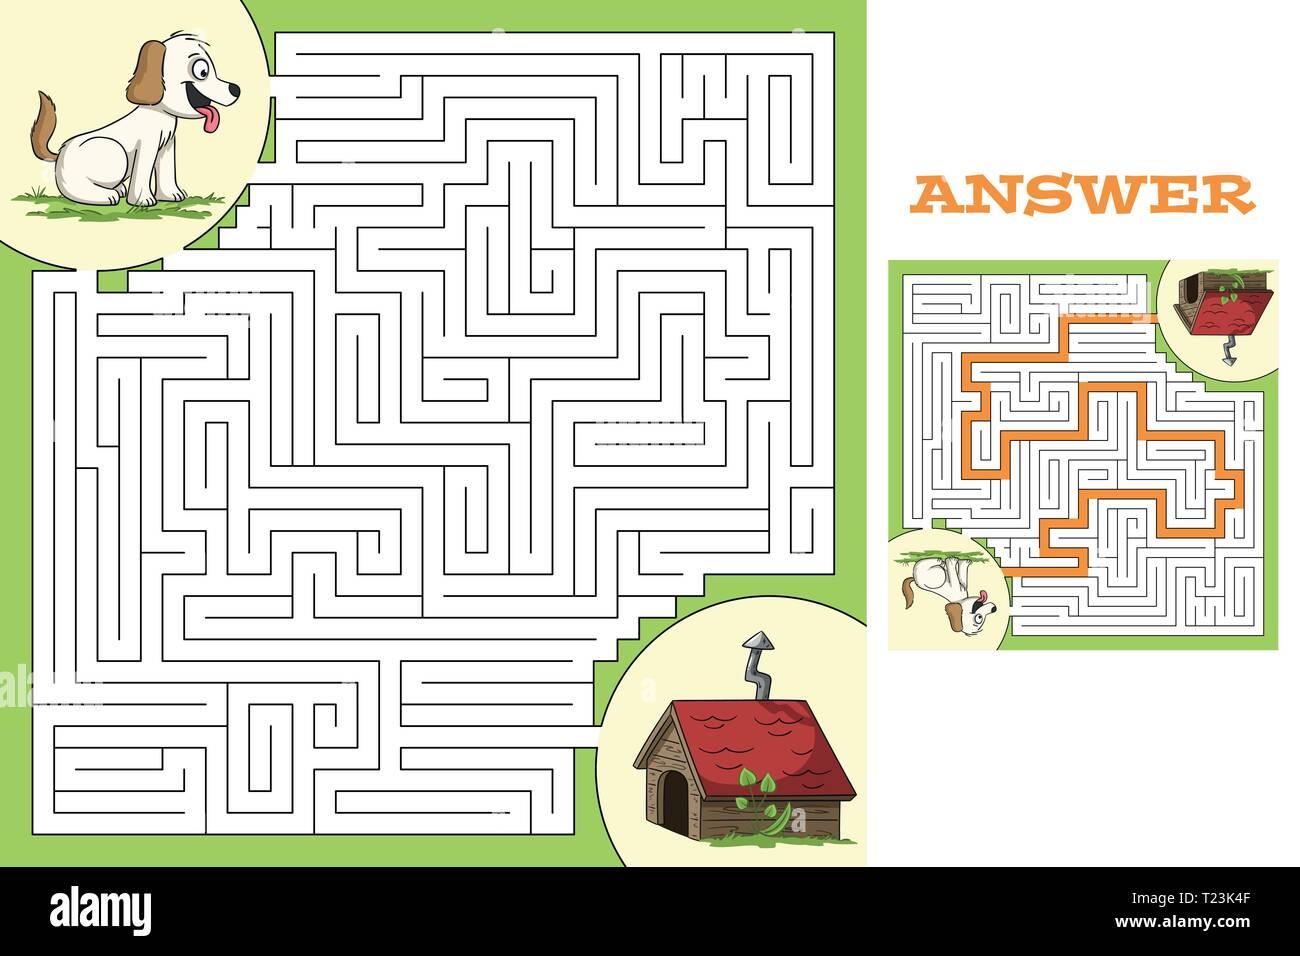 Juego puzzle de dibujos animados con la solución. Ilustración vectorial con capas separadas. Ilustración del Vector